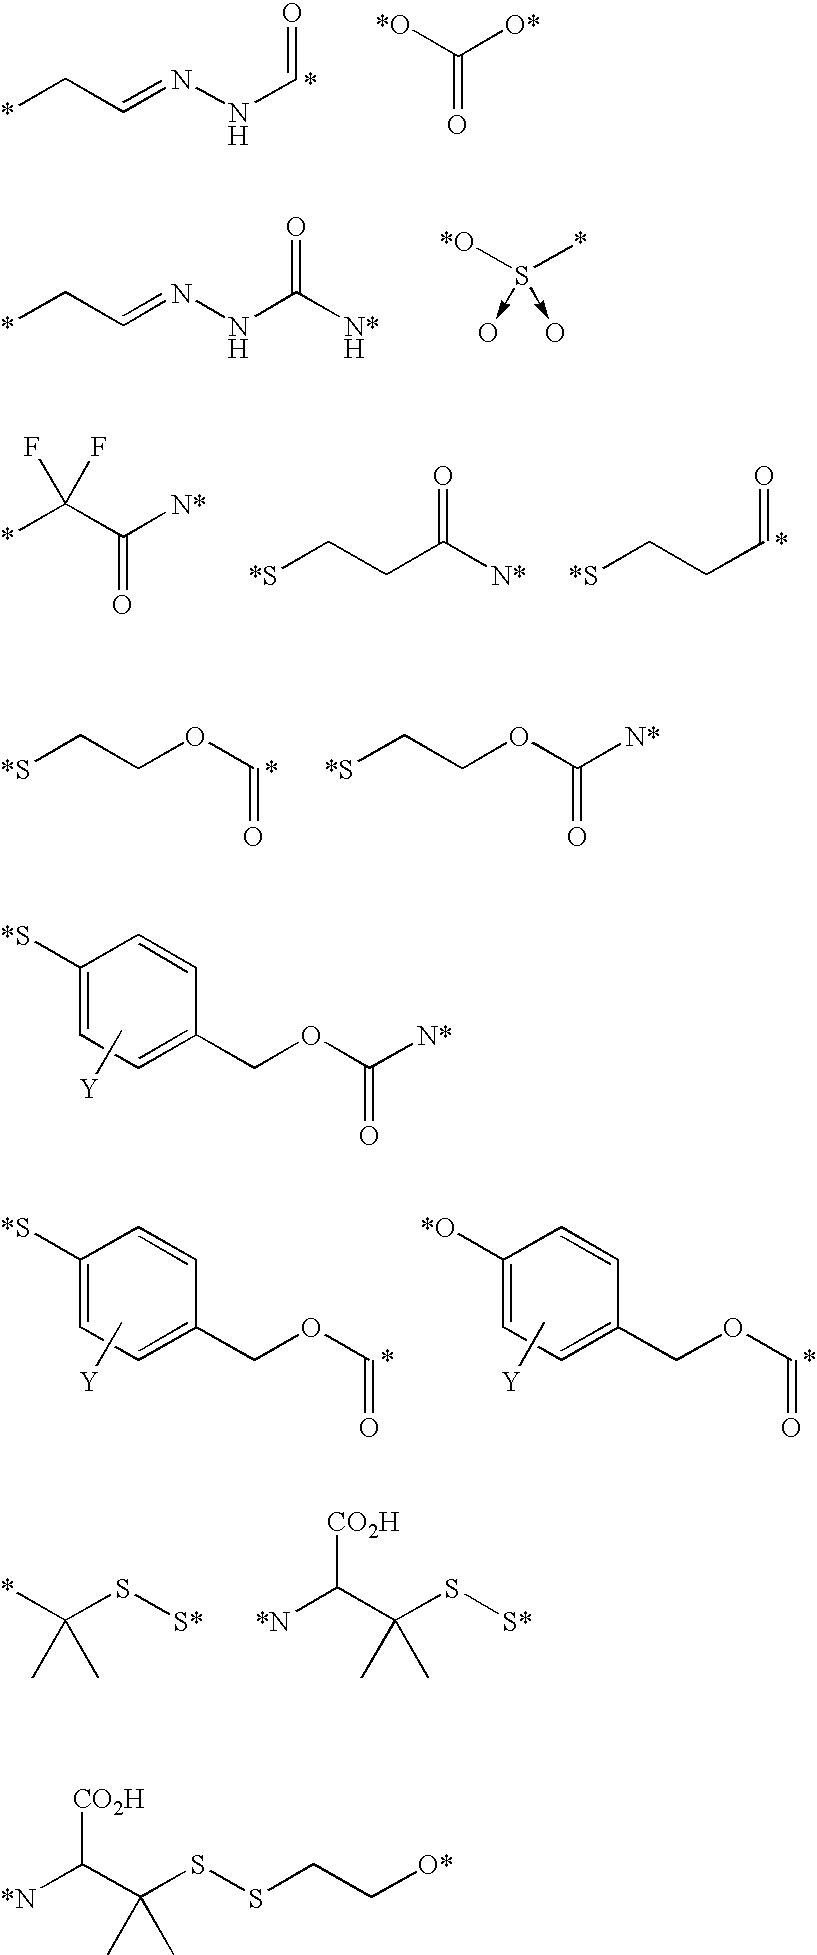 Figure US20100104626A1-20100429-C00005